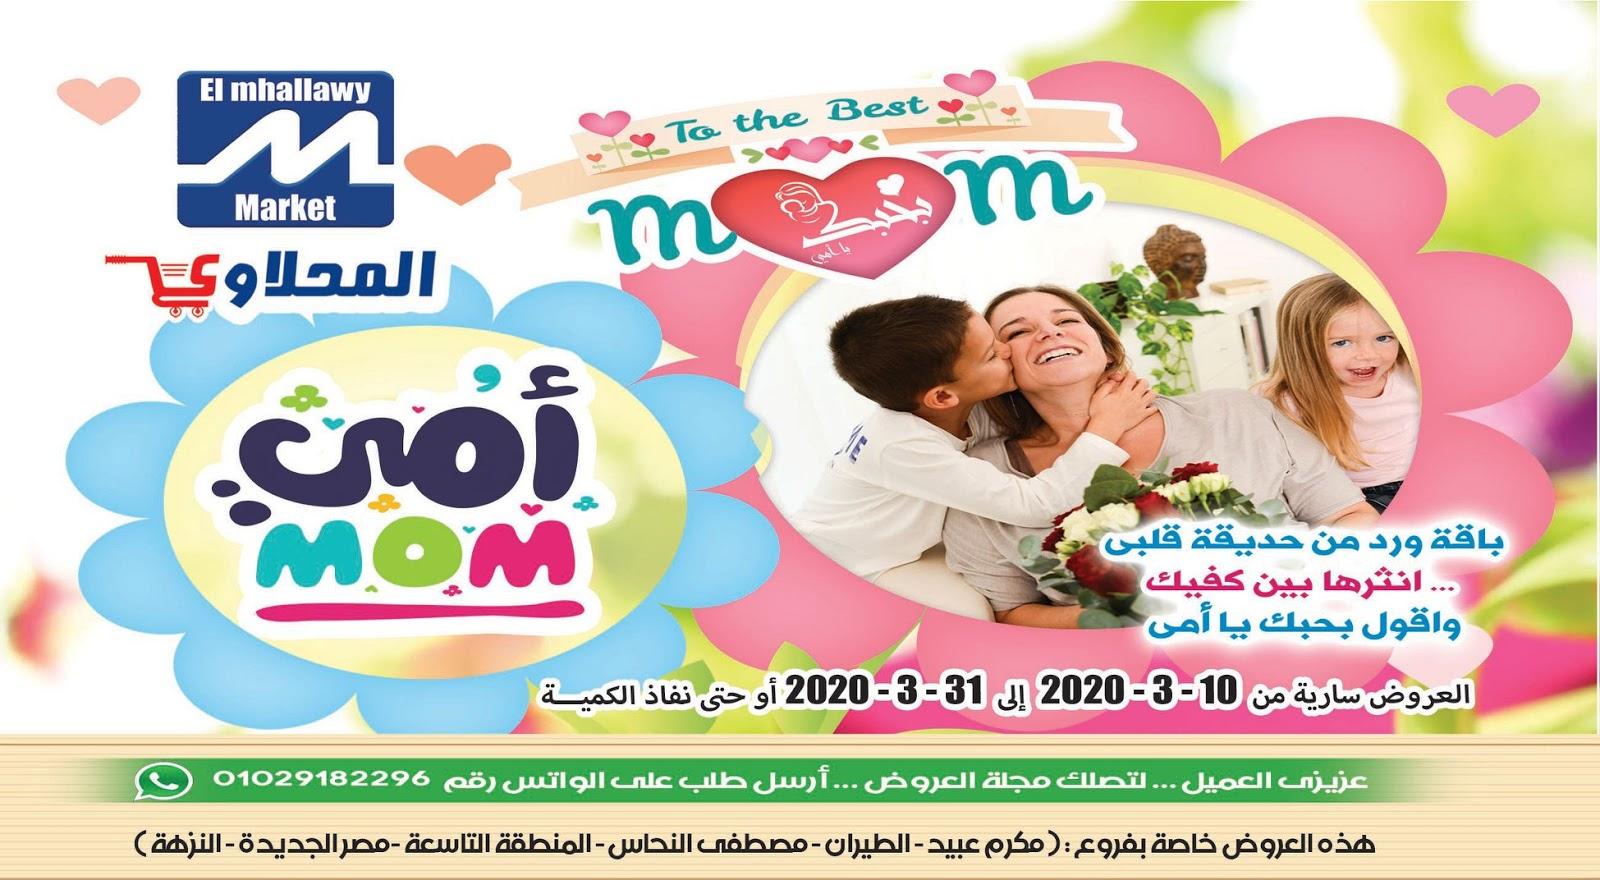 عروض المحلاوى عيد الام من 10 مارس حتى 31 مارس 2020